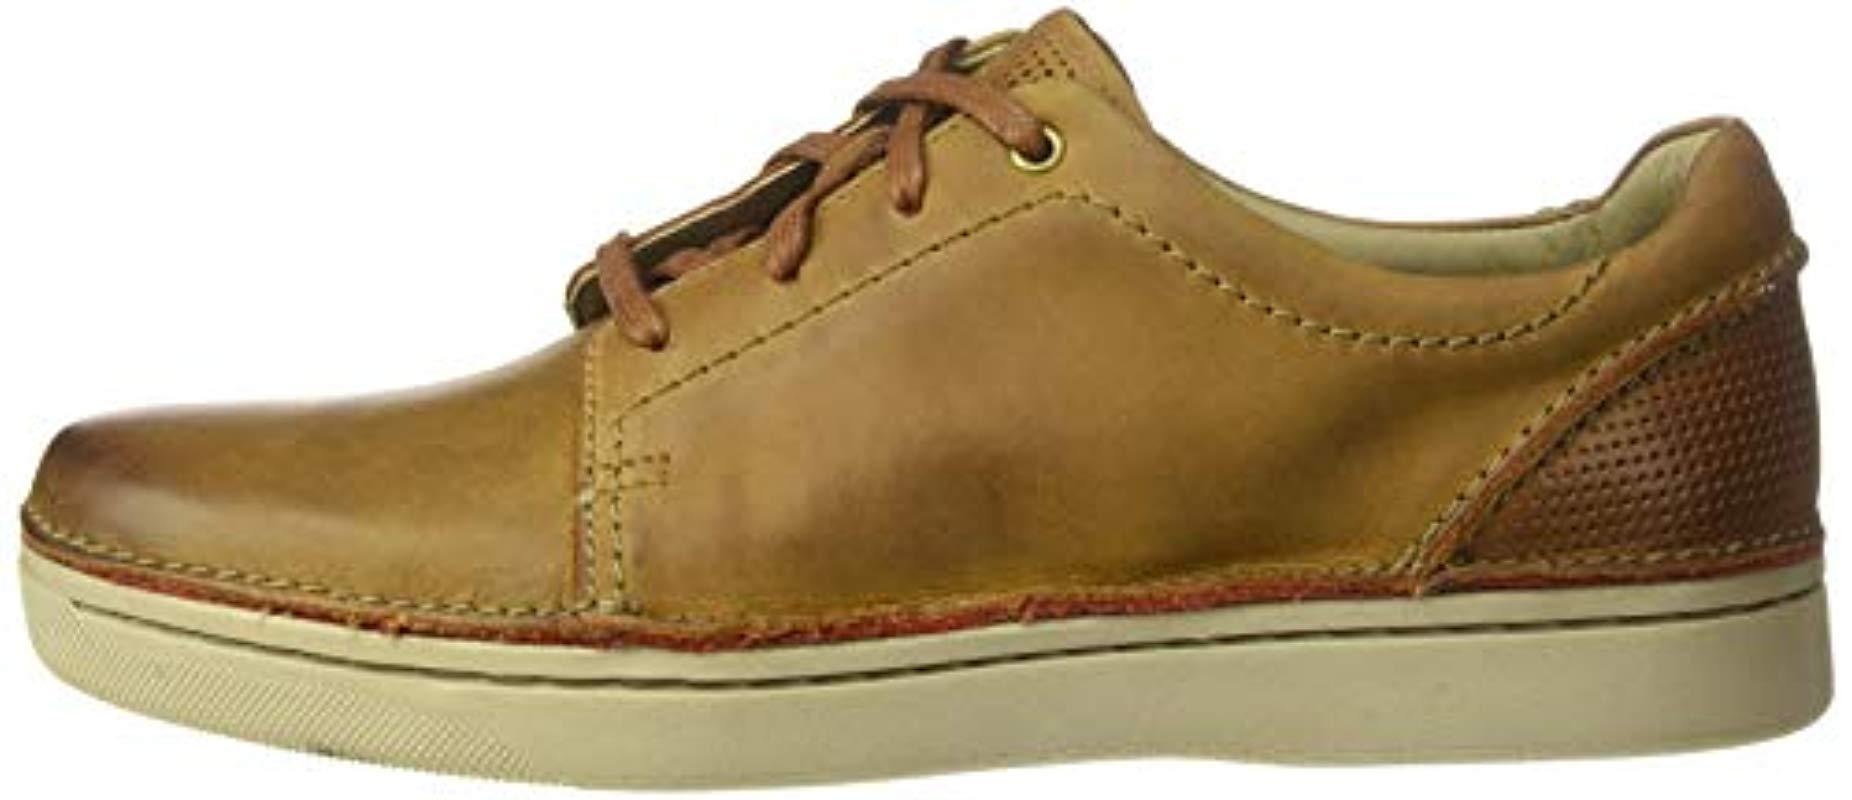 Clarks Leather Kitna Stride Sneaker in